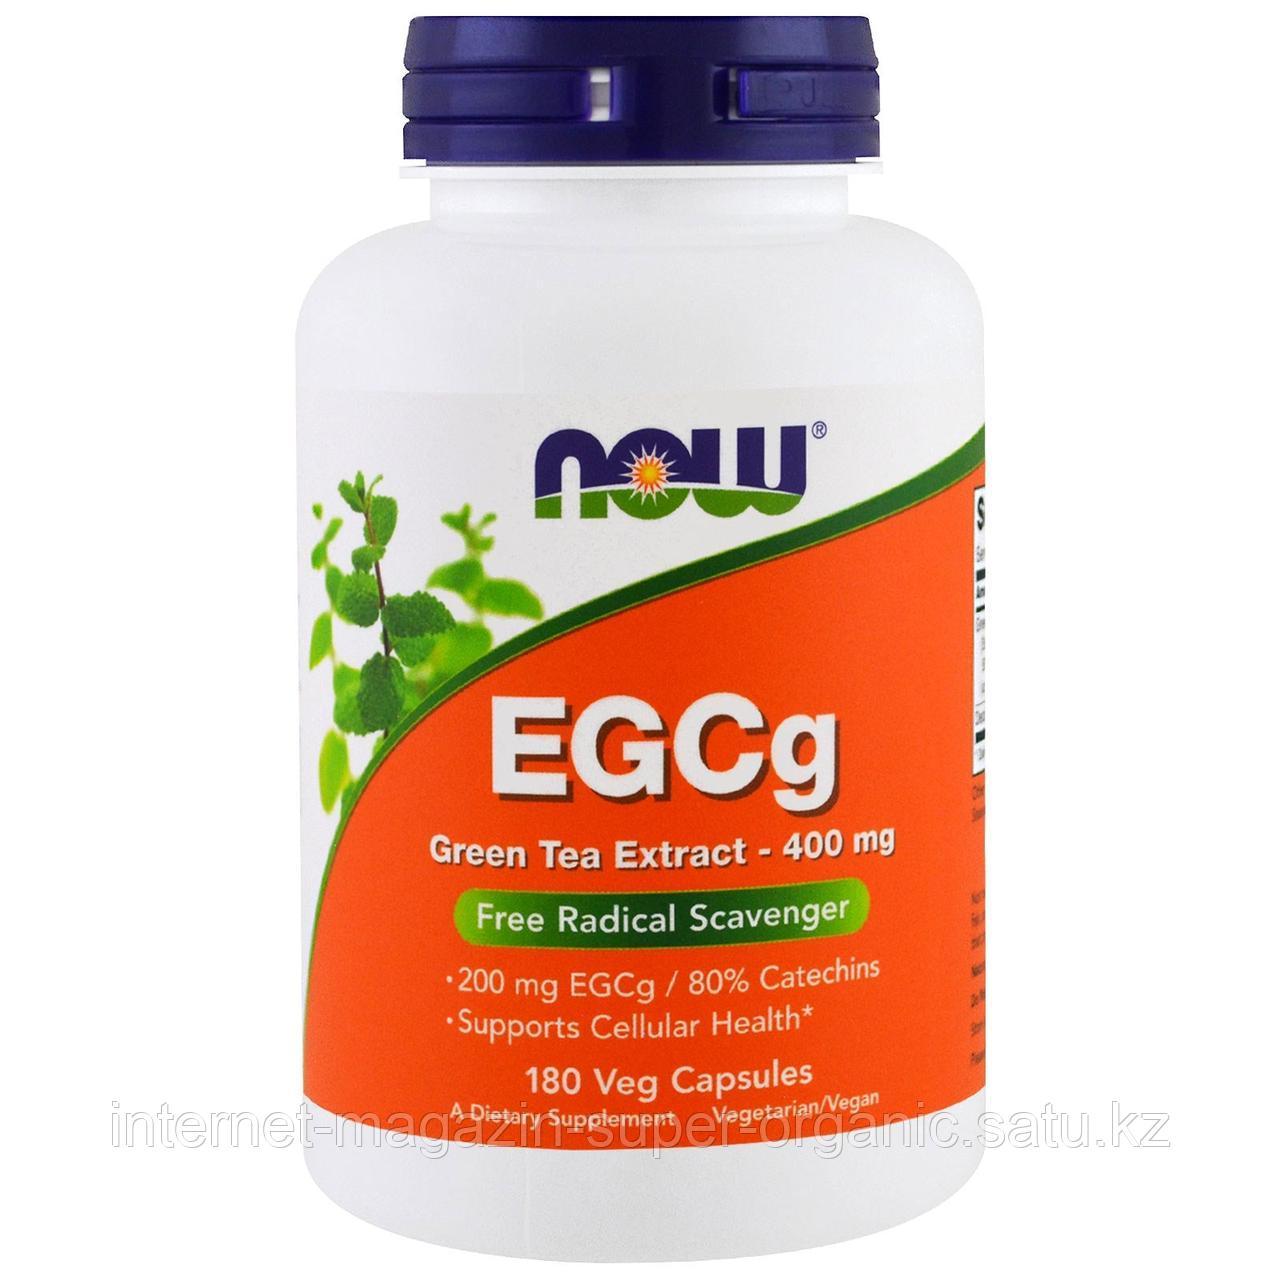 ЭГКГ, экстракт зеленого чая, 400 мг, 180 капсул, Now Foods